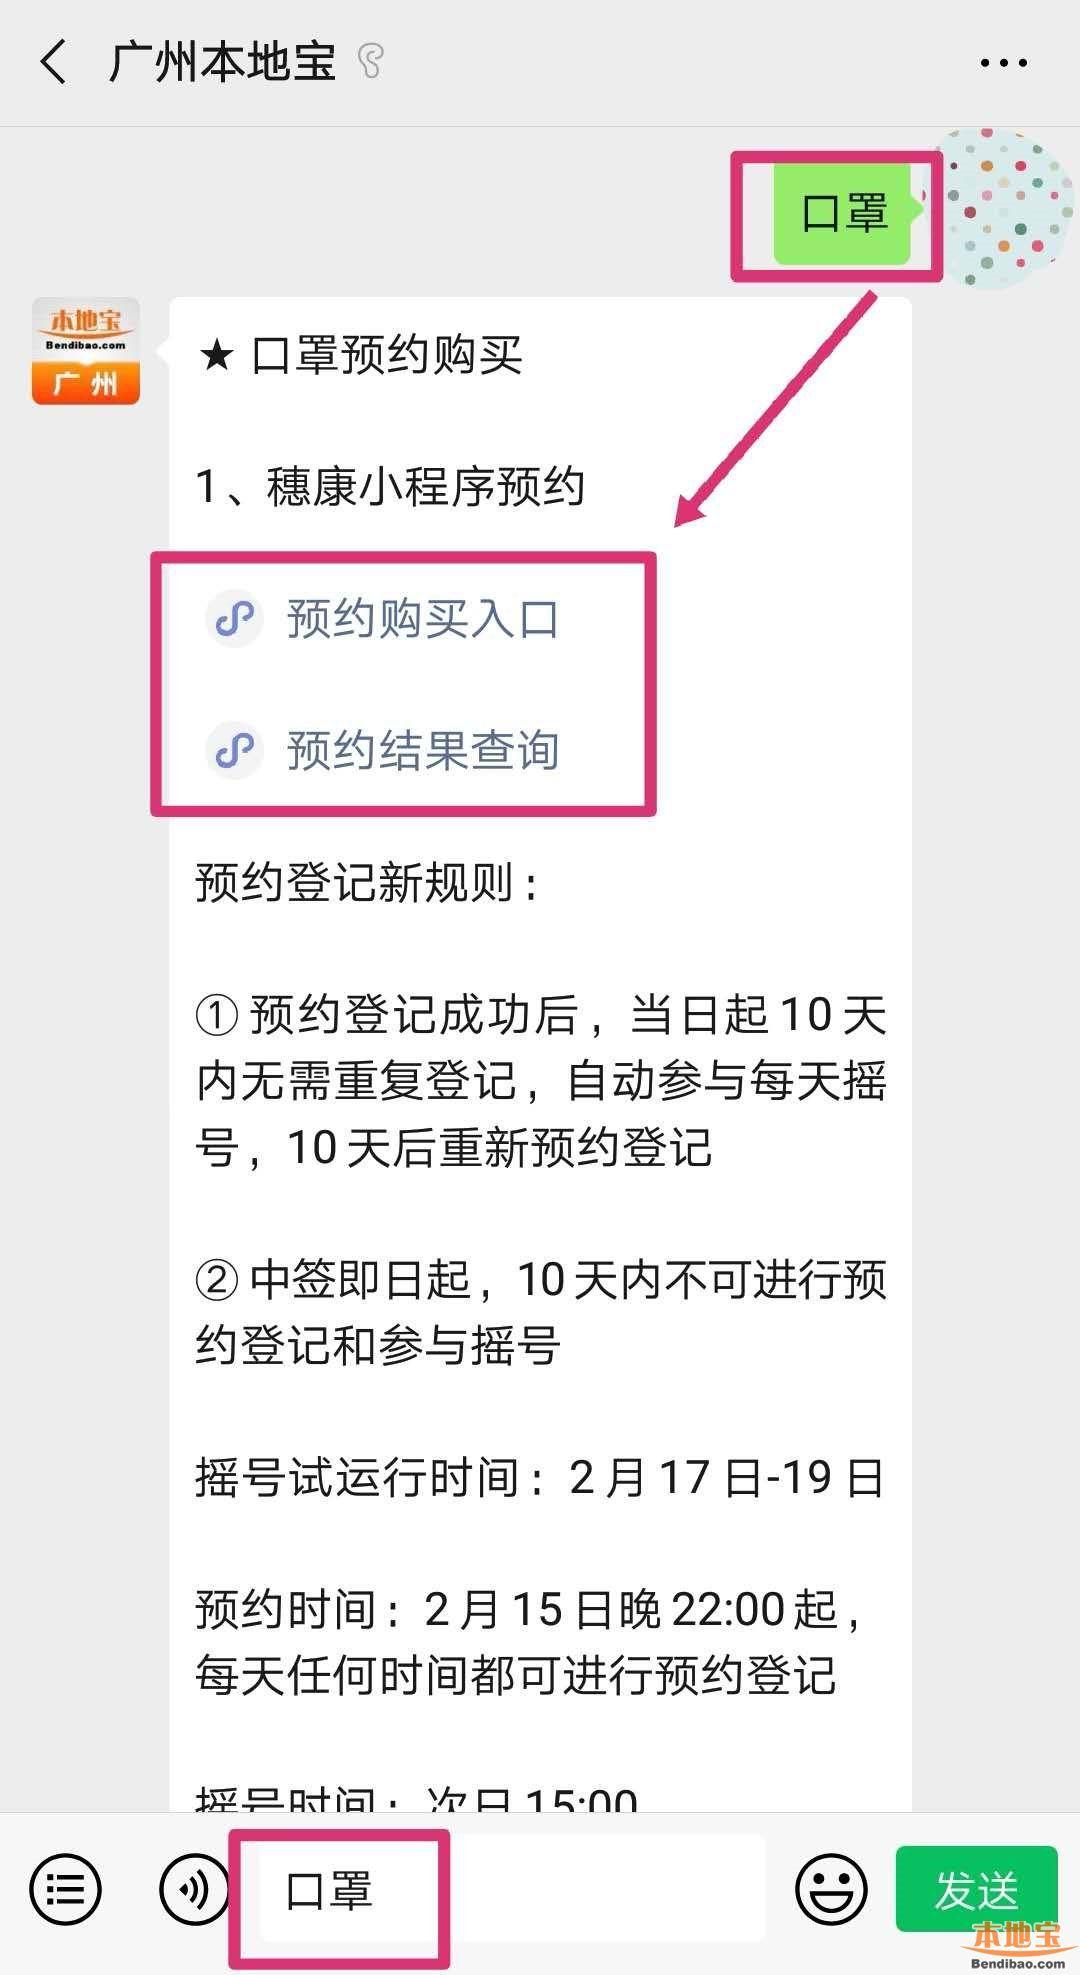 2月17日广州穗康口罩预约计划摇号情况公示